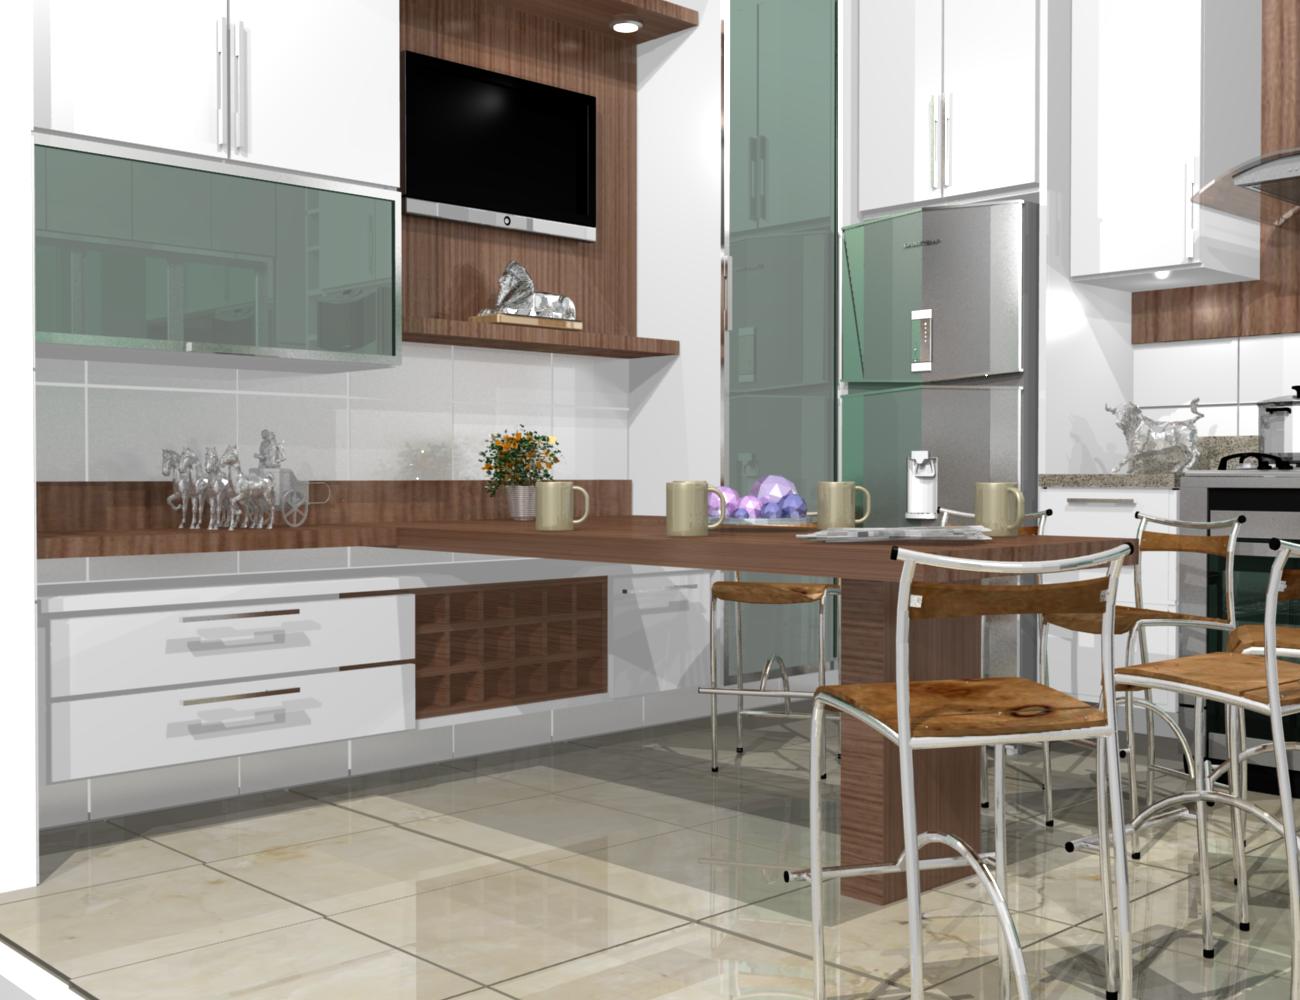 #644A39 cozinhas pequenas 1300x1000 px Projetos De Cozinhas Externas Pequenas #565 imagens